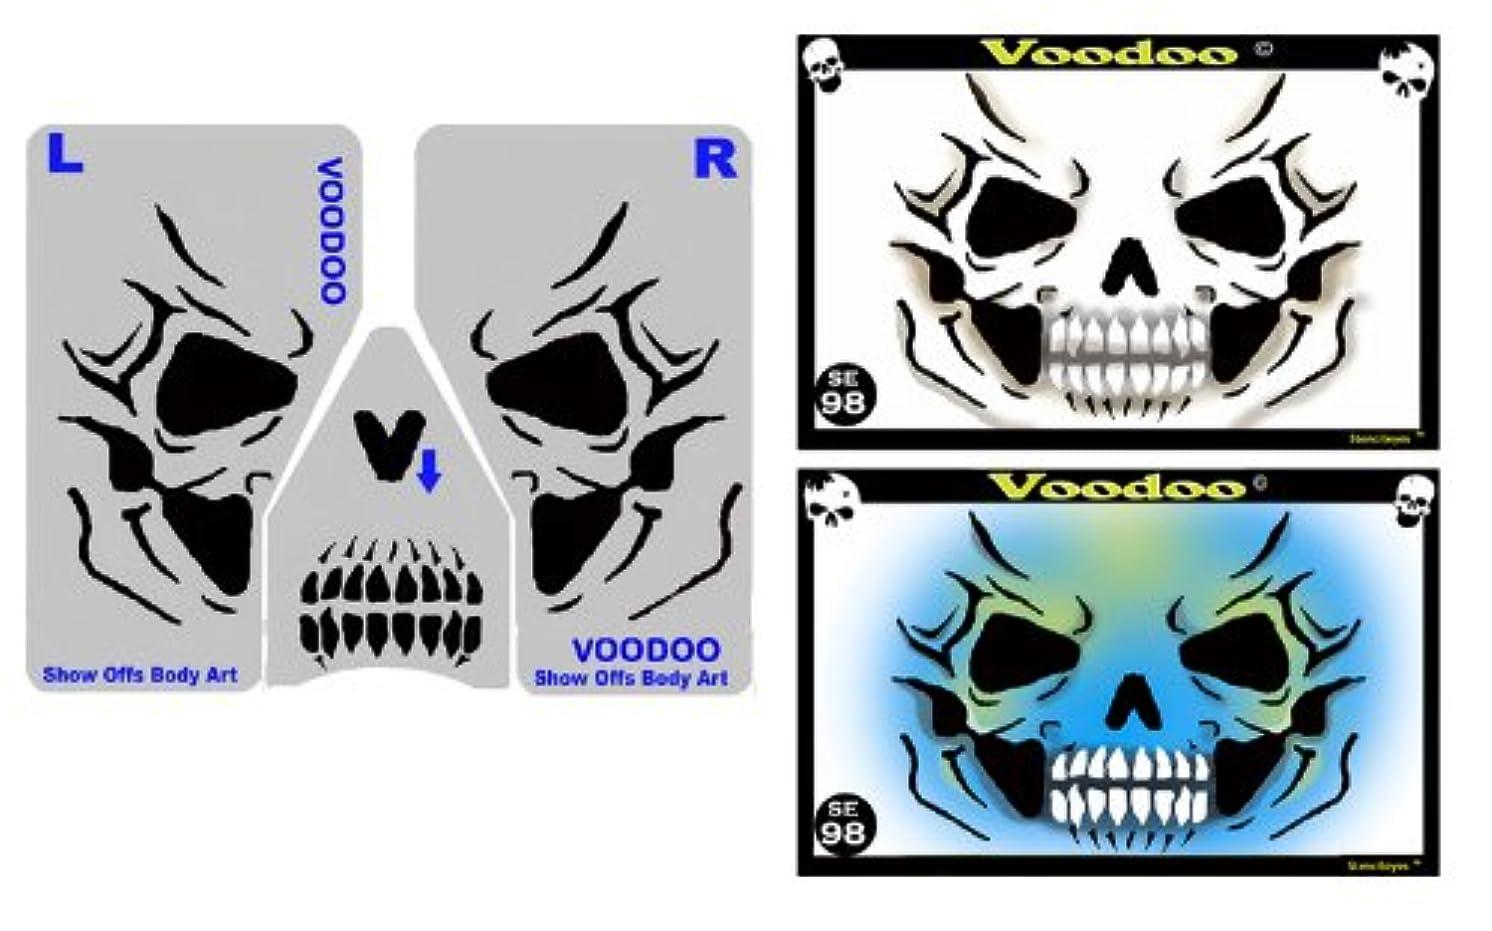 Face Painting Stencil - Stencileyes Voodoo - Skull Face